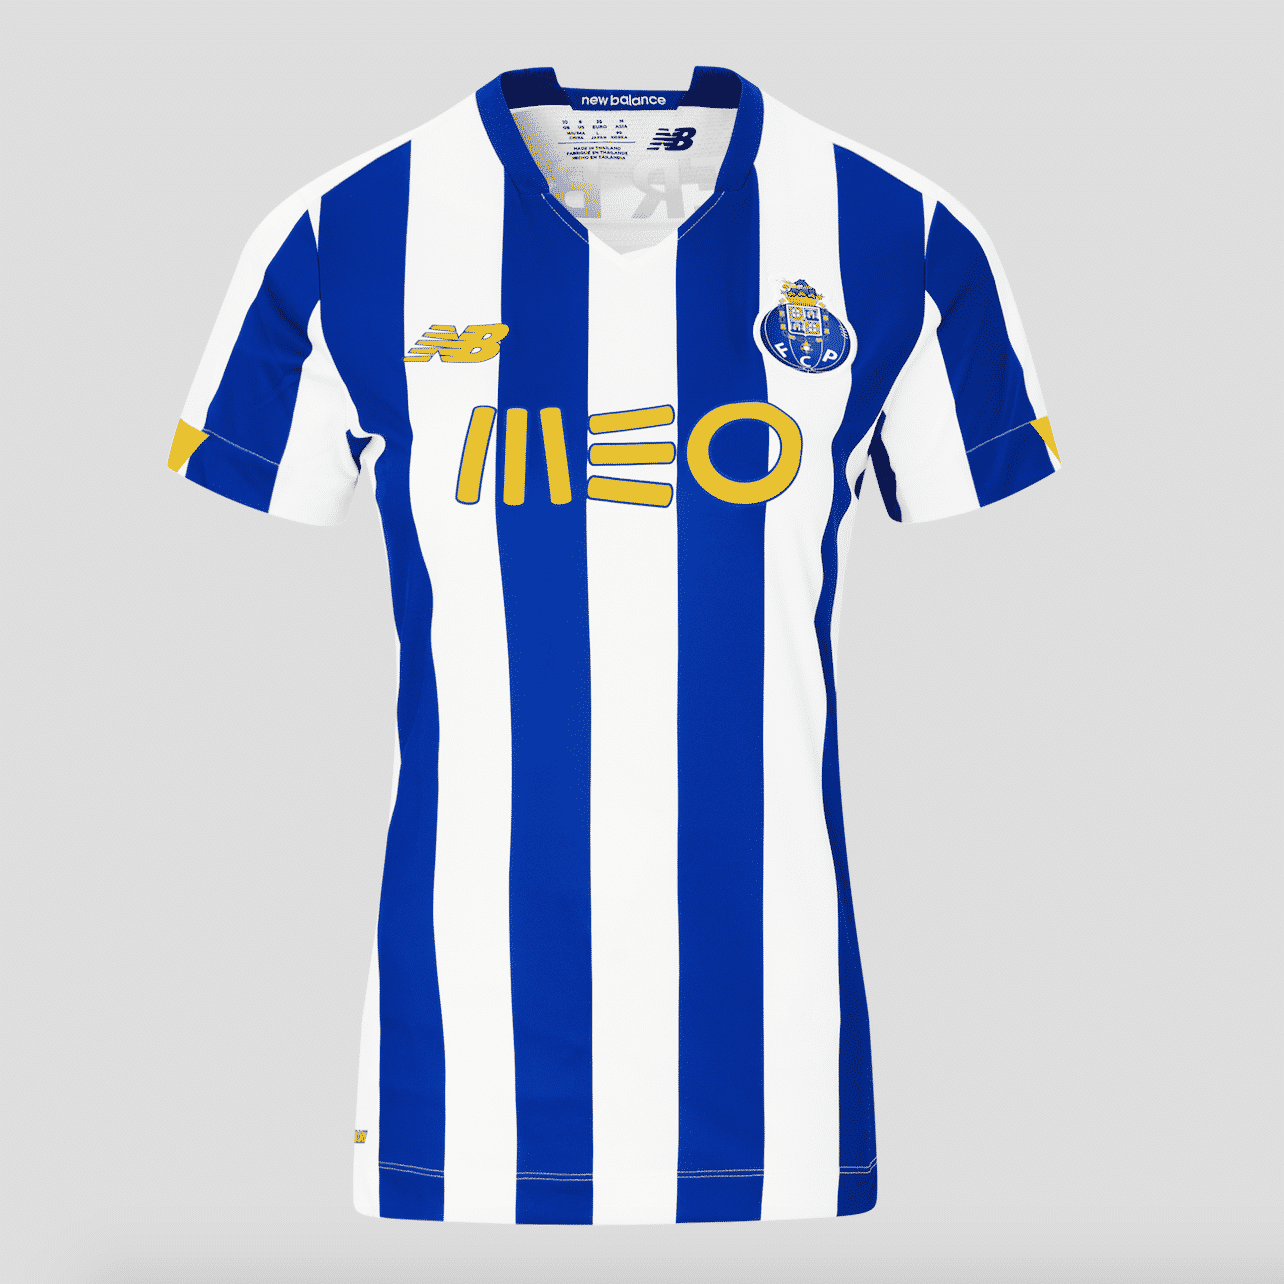 maillot-domicile-fc-porto-2020-2021-new-balance-2